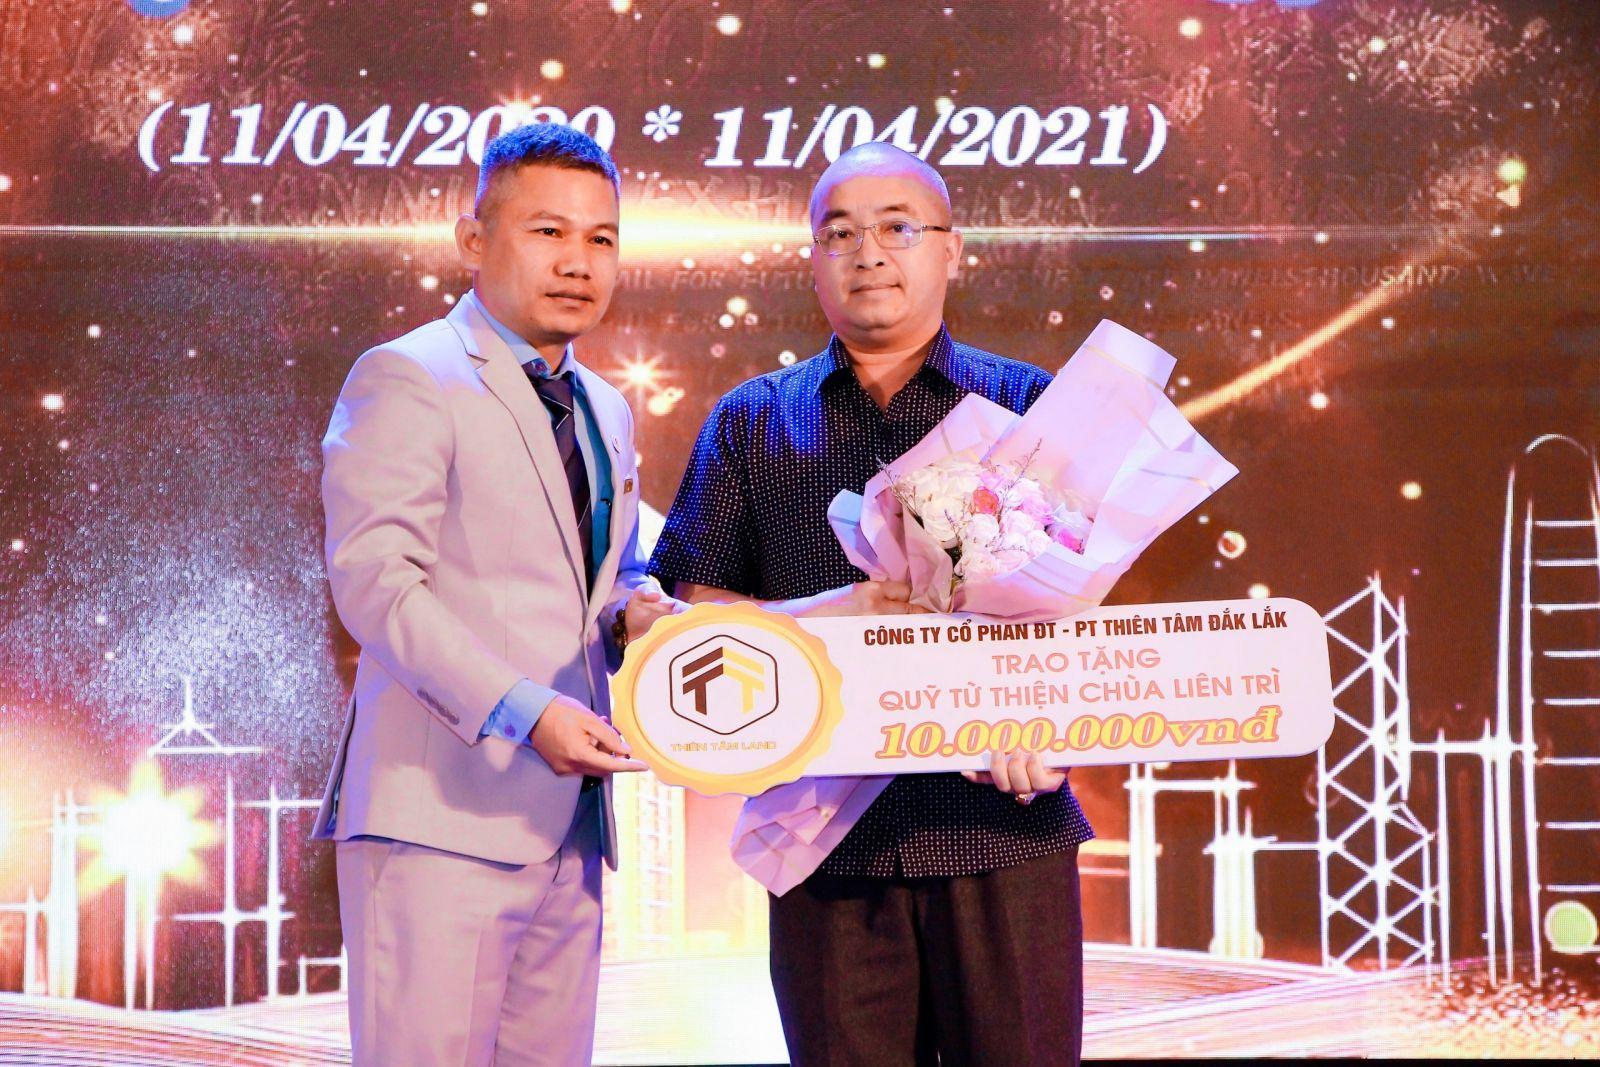 Ông Lê Thế Quân - Chủ tịch HĐQT, Tổng giám đốc công ty Thiên Tâm Land trao tượng trưng 10 triệu đồng cho đại diện Quỹ từ thiện chùa Liên Trì